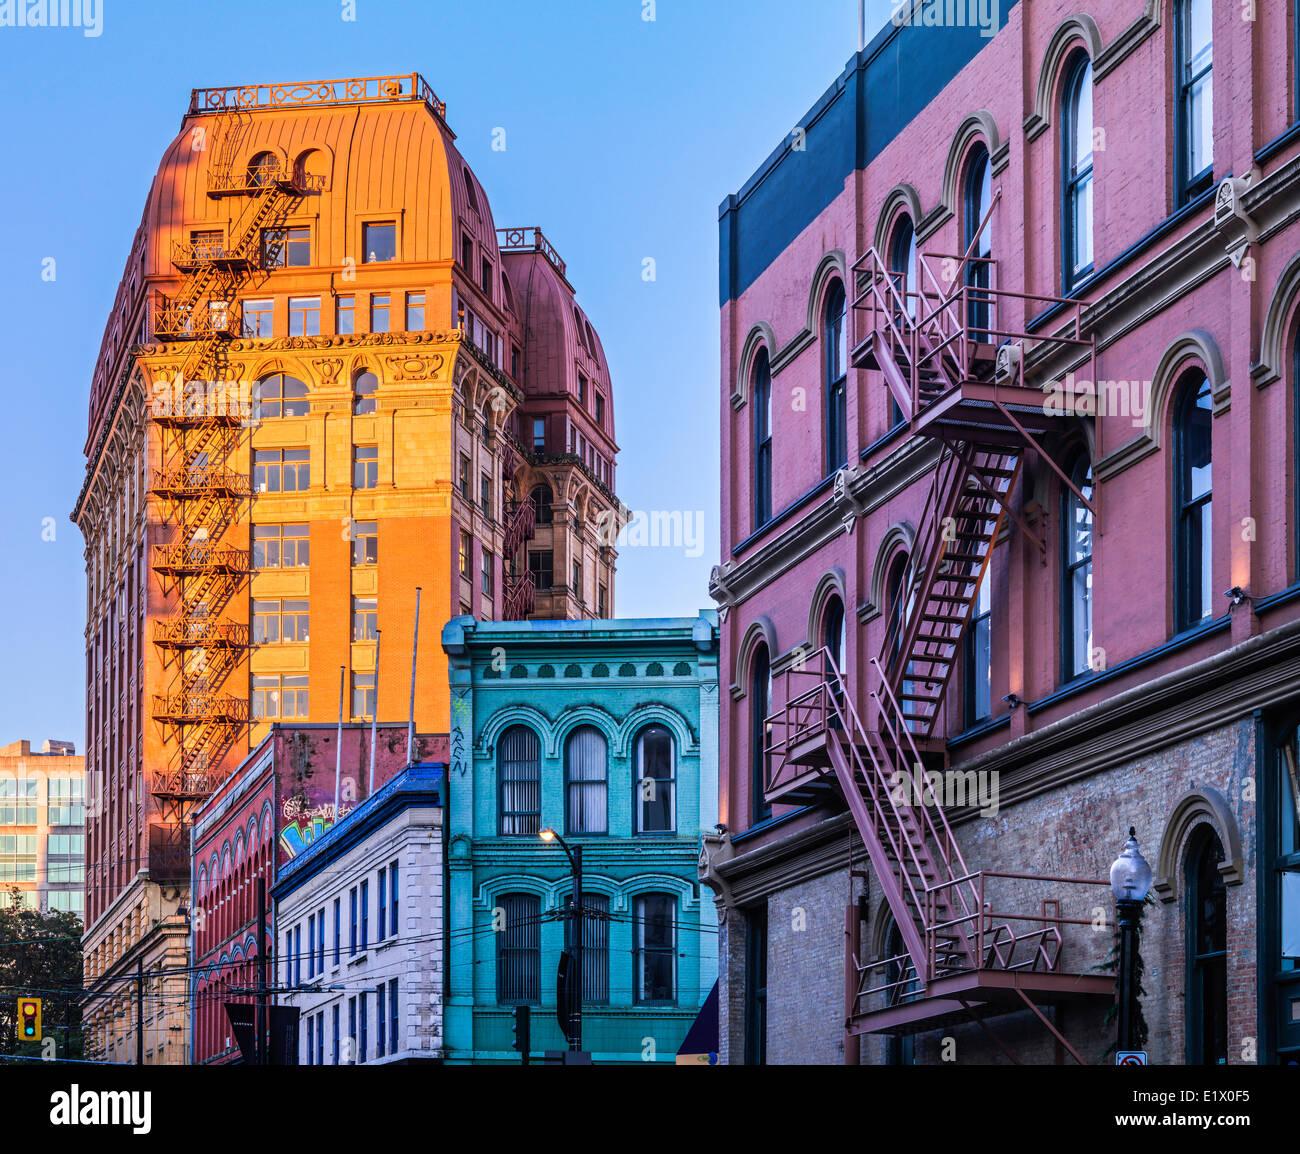 Les immeubles à appartements dans le centre-ville de Vancouver, Colombie-Britannique, Canada Photo Stock